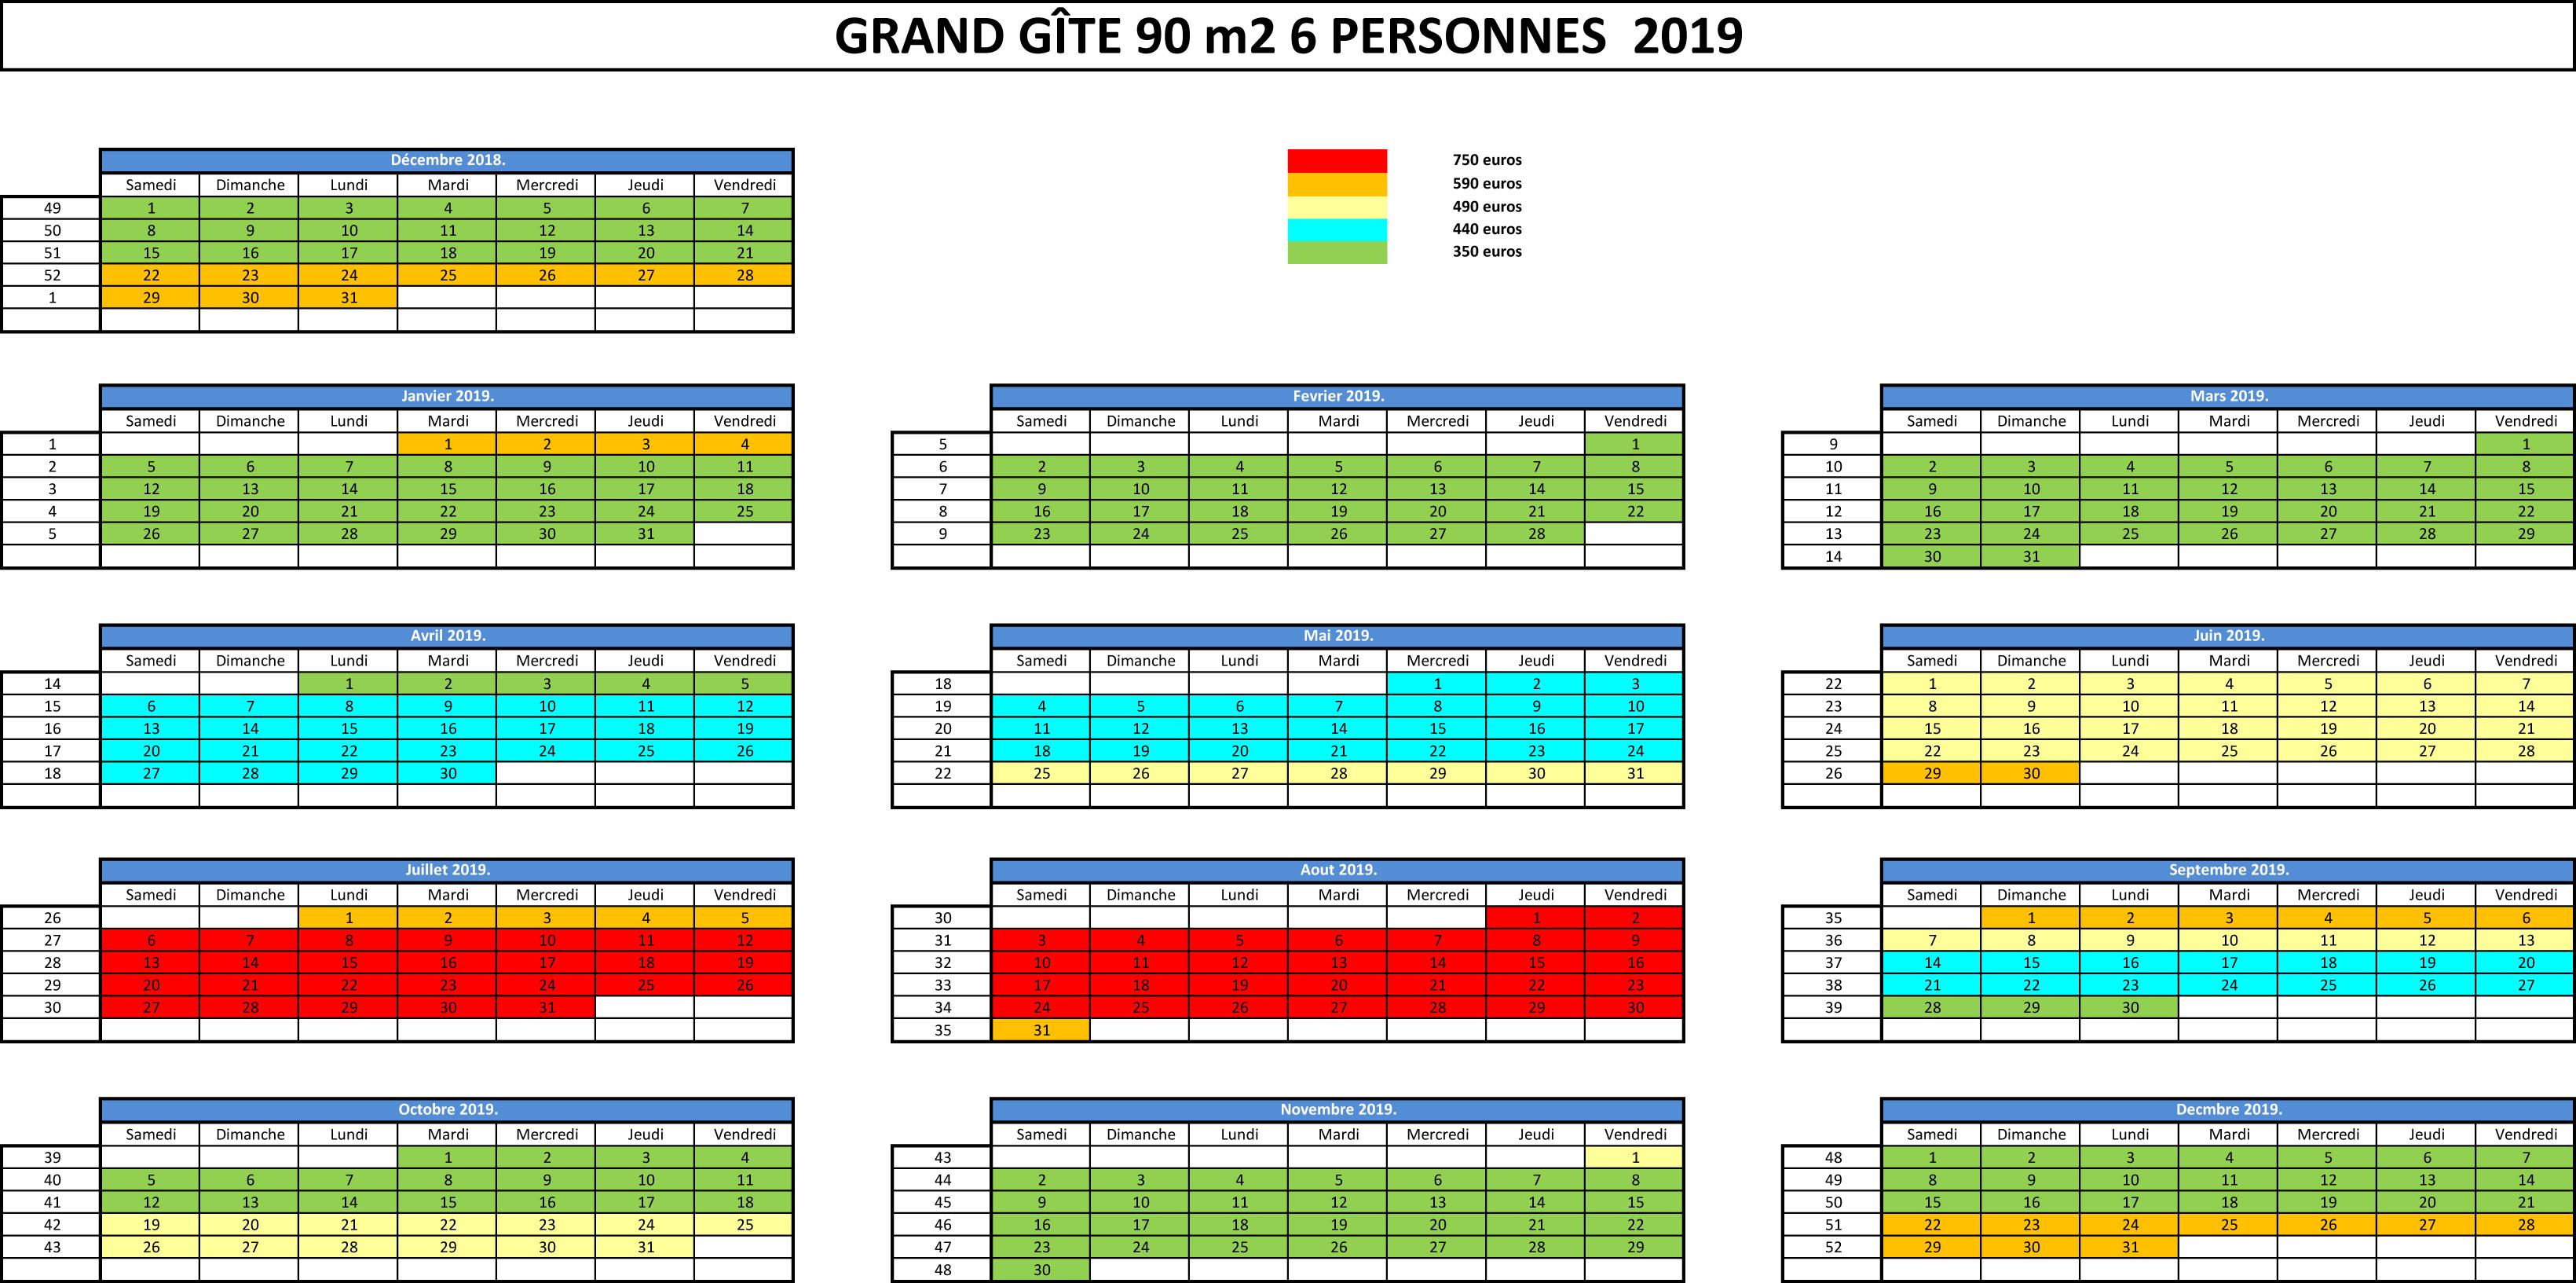 planning d'occupation et tarif GÎTE BREIZH EVASION 6 personnes 2017